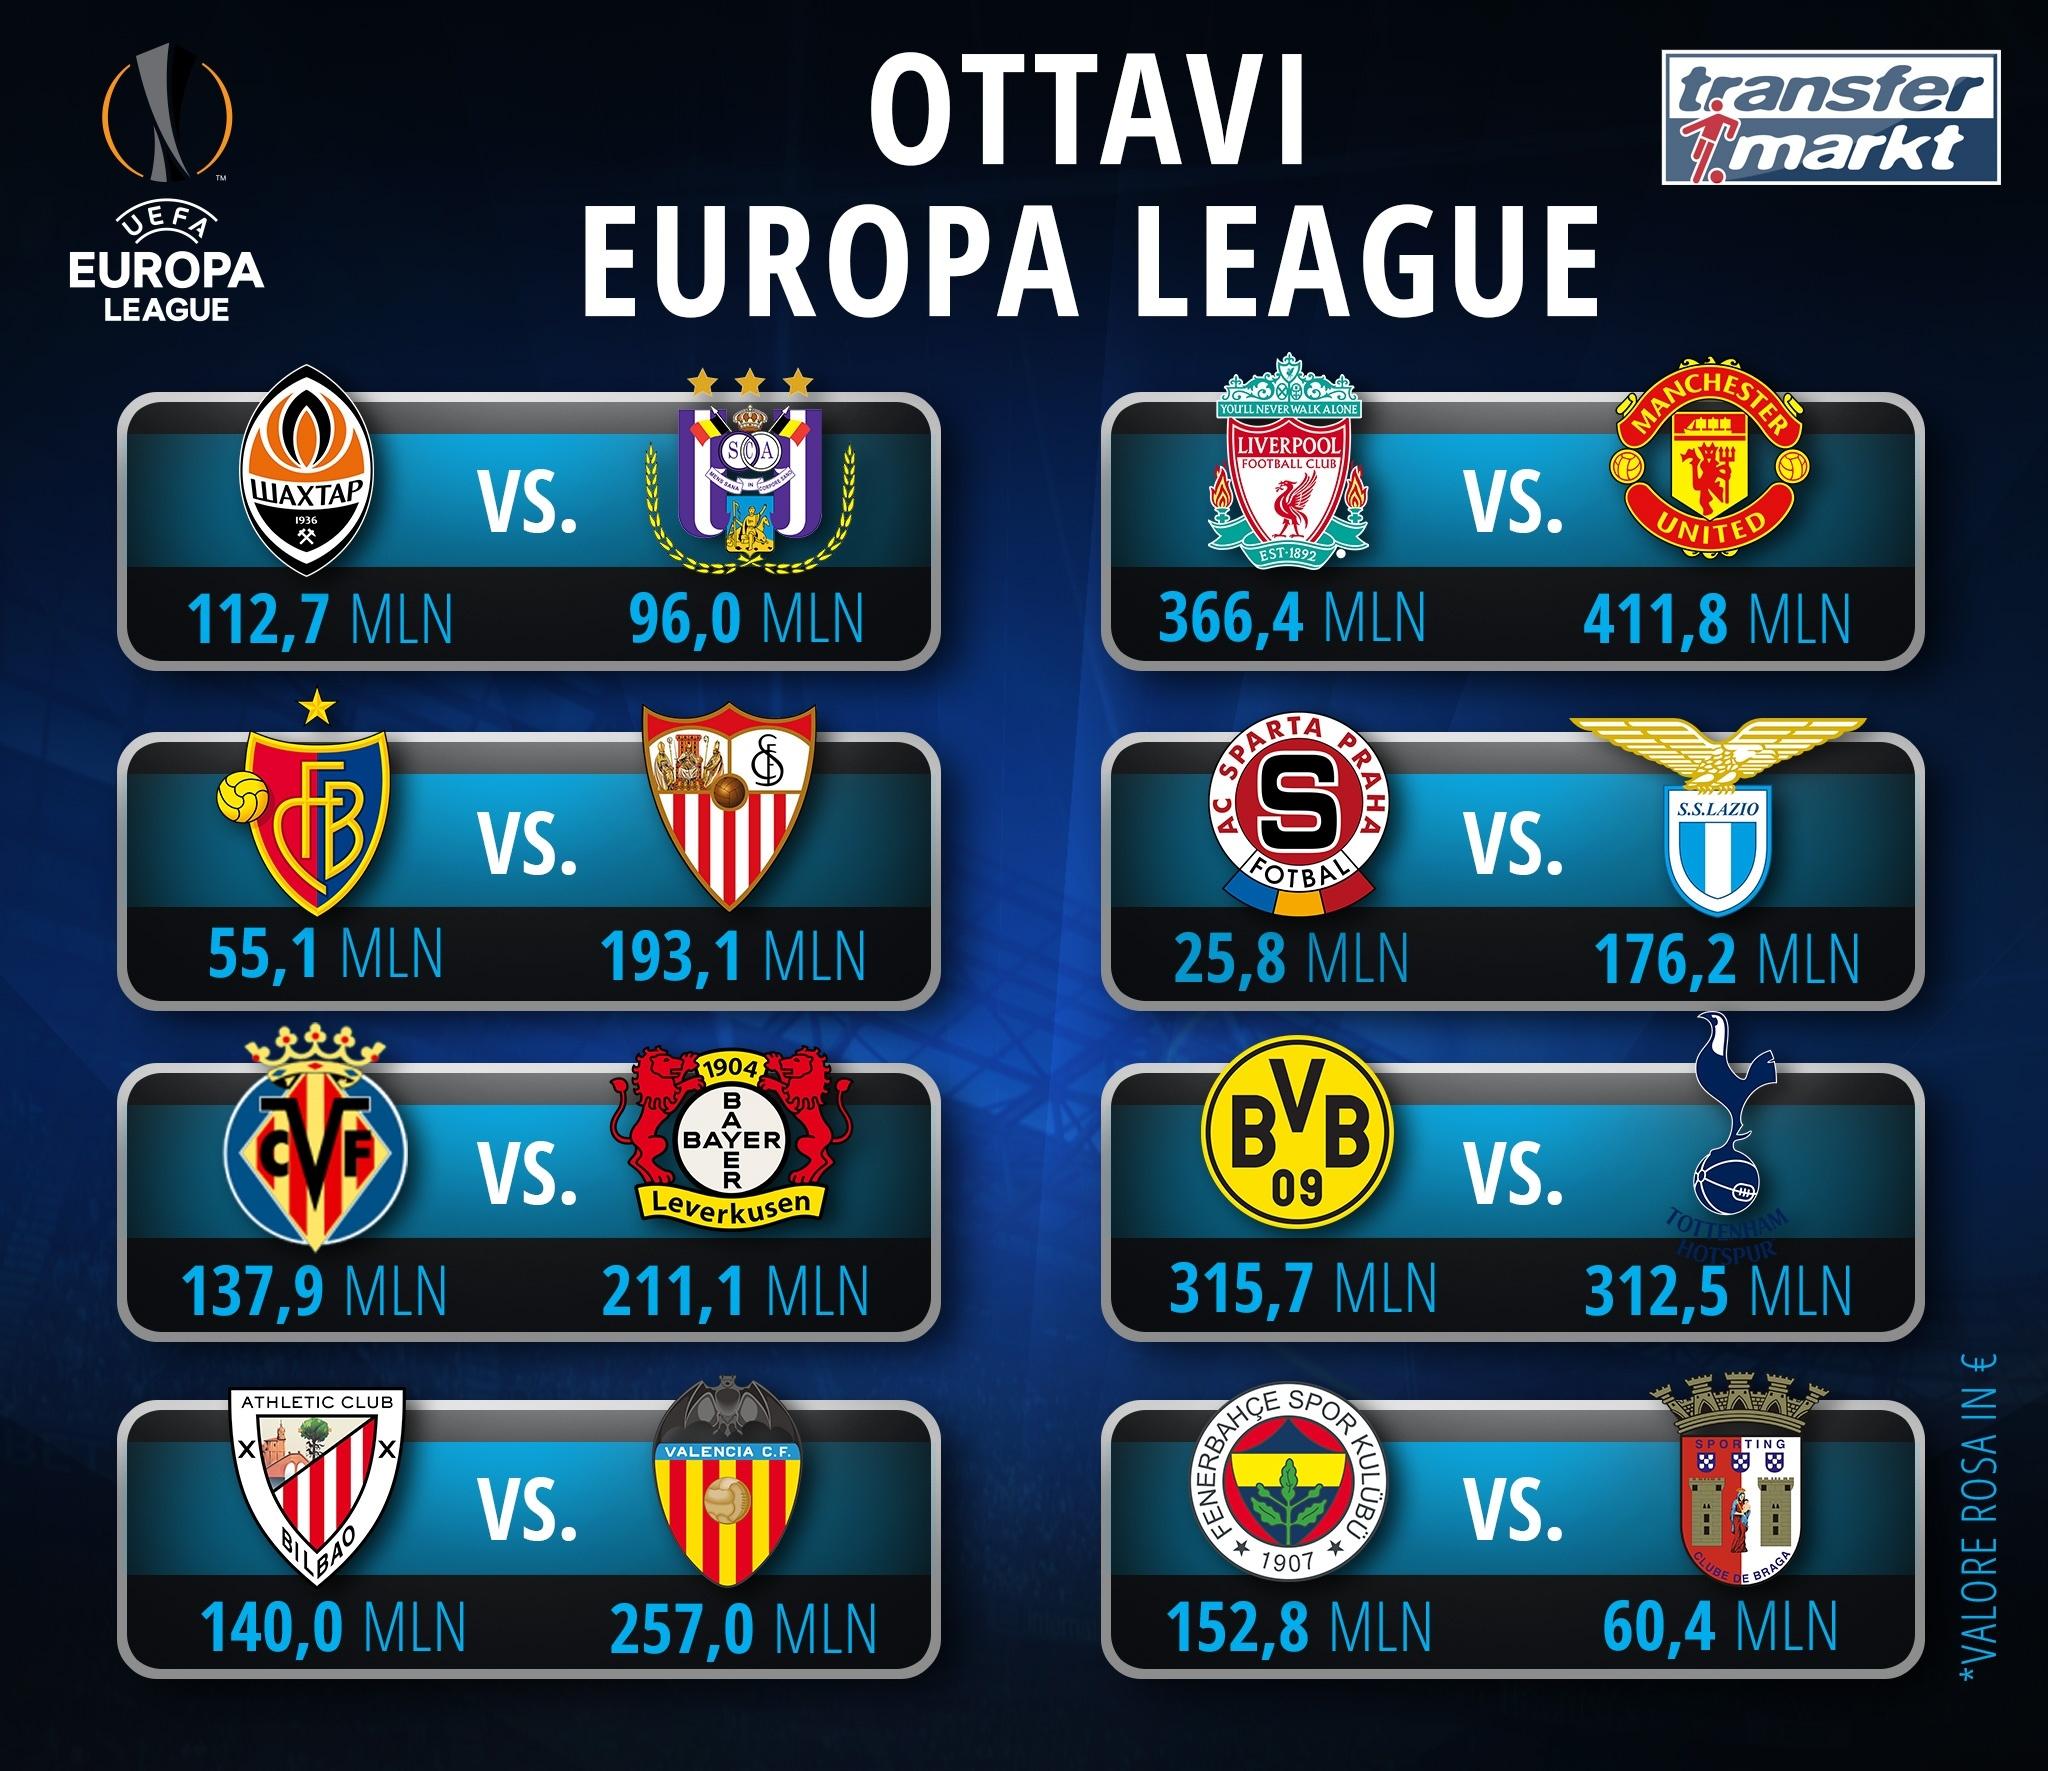 Le sfide fra i valori delle squadre in milioni di Euro.